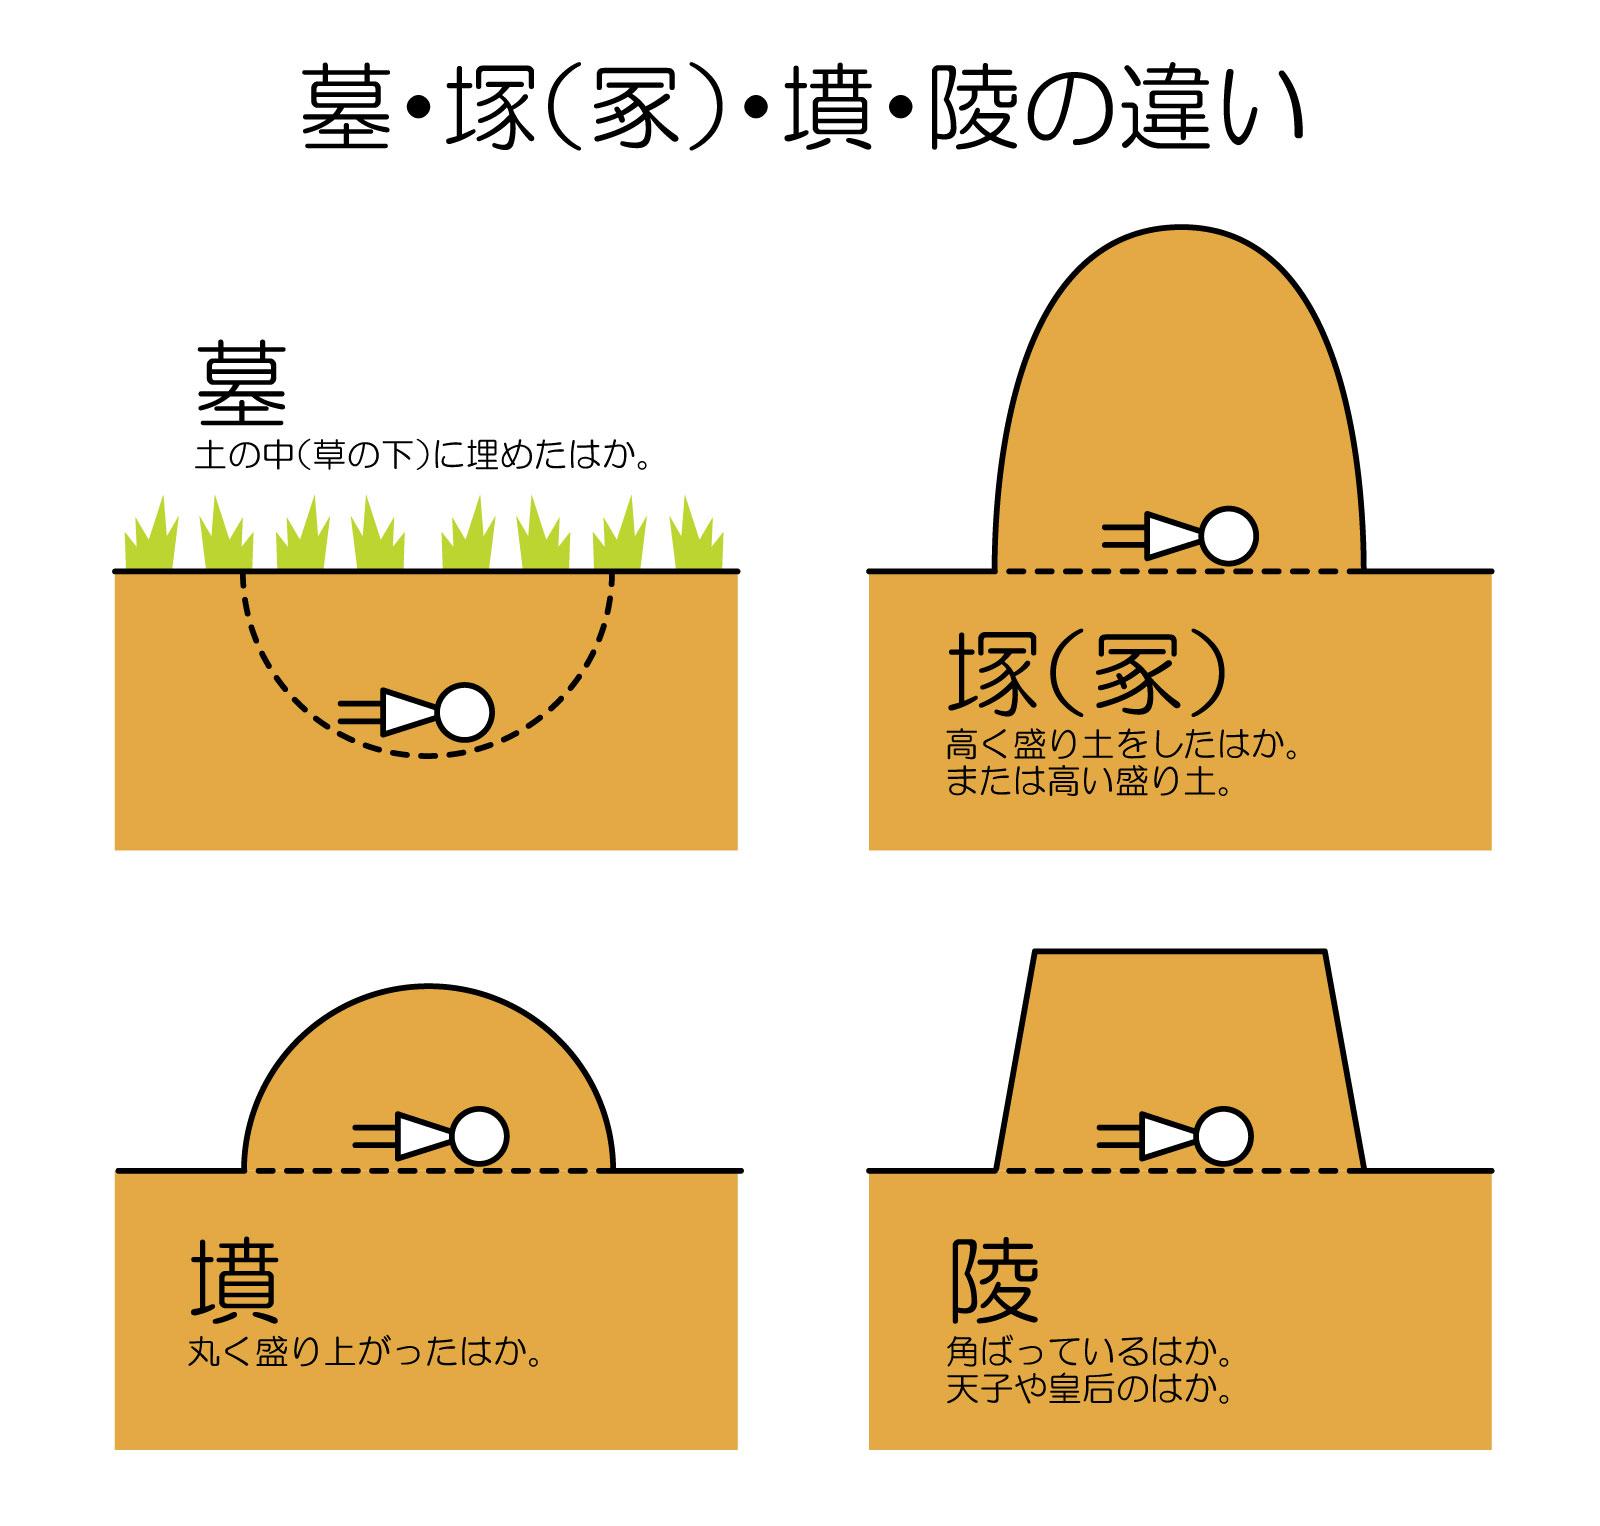 お墓 について調べてみる 漢字の 墓 塚 冢 墳 陵 の違い